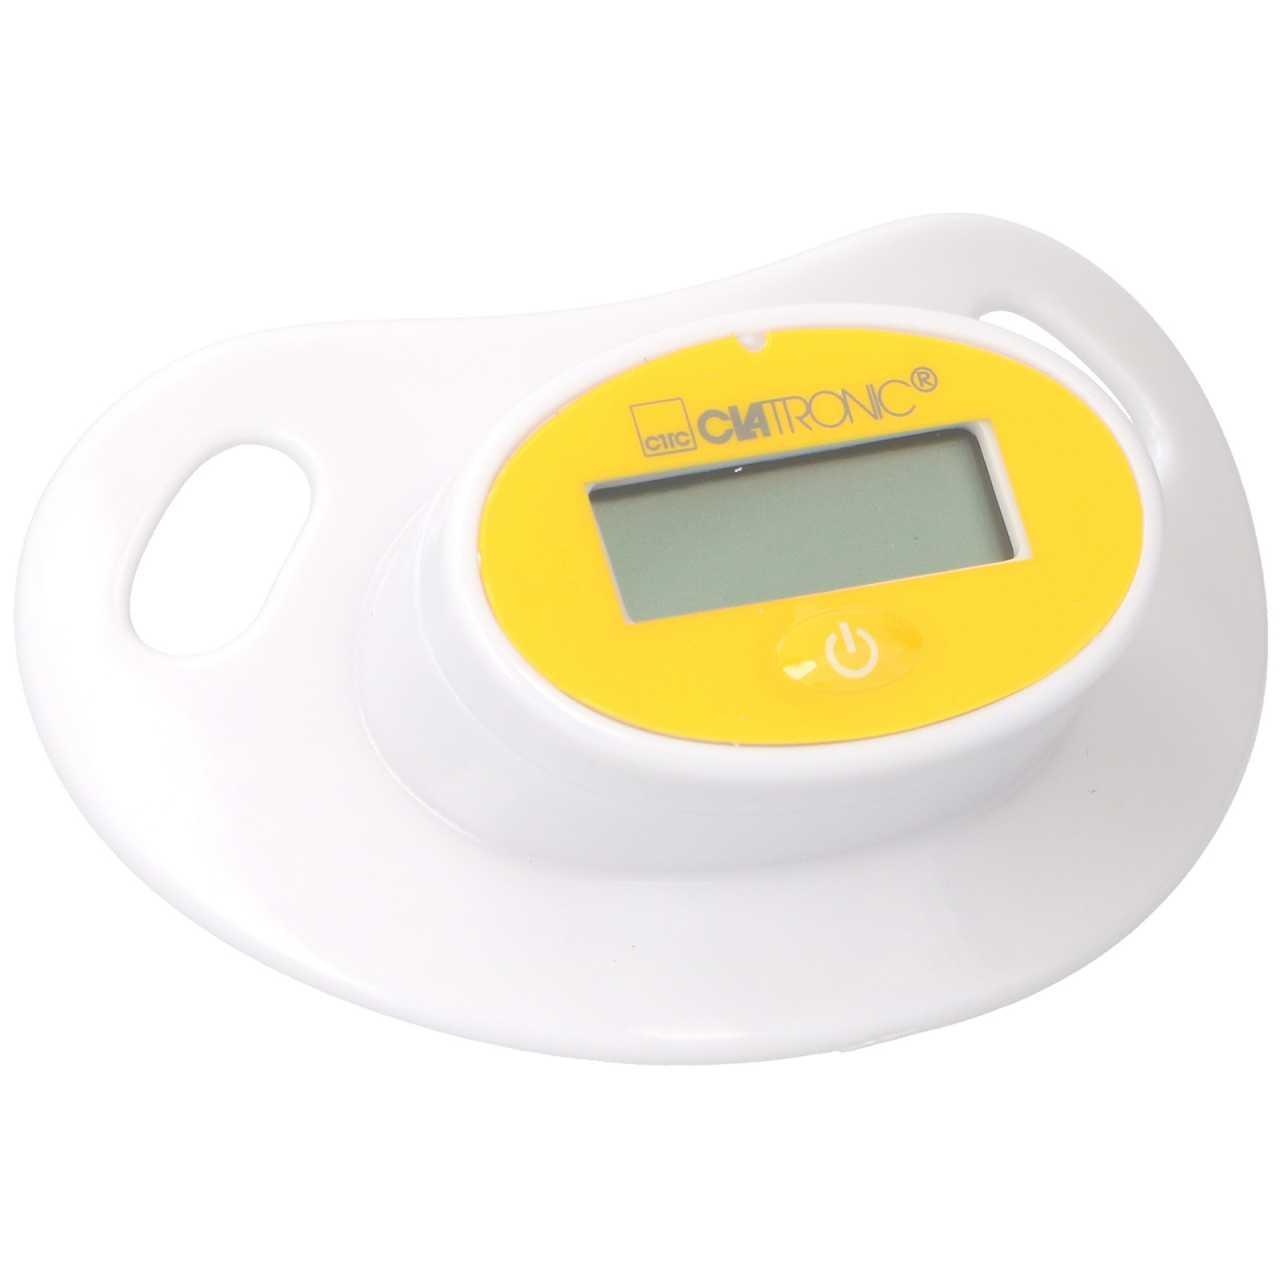 Clatronic Digitales Schnuller-Thermometer / Digitaler Nuckel mit Fieberthermometer